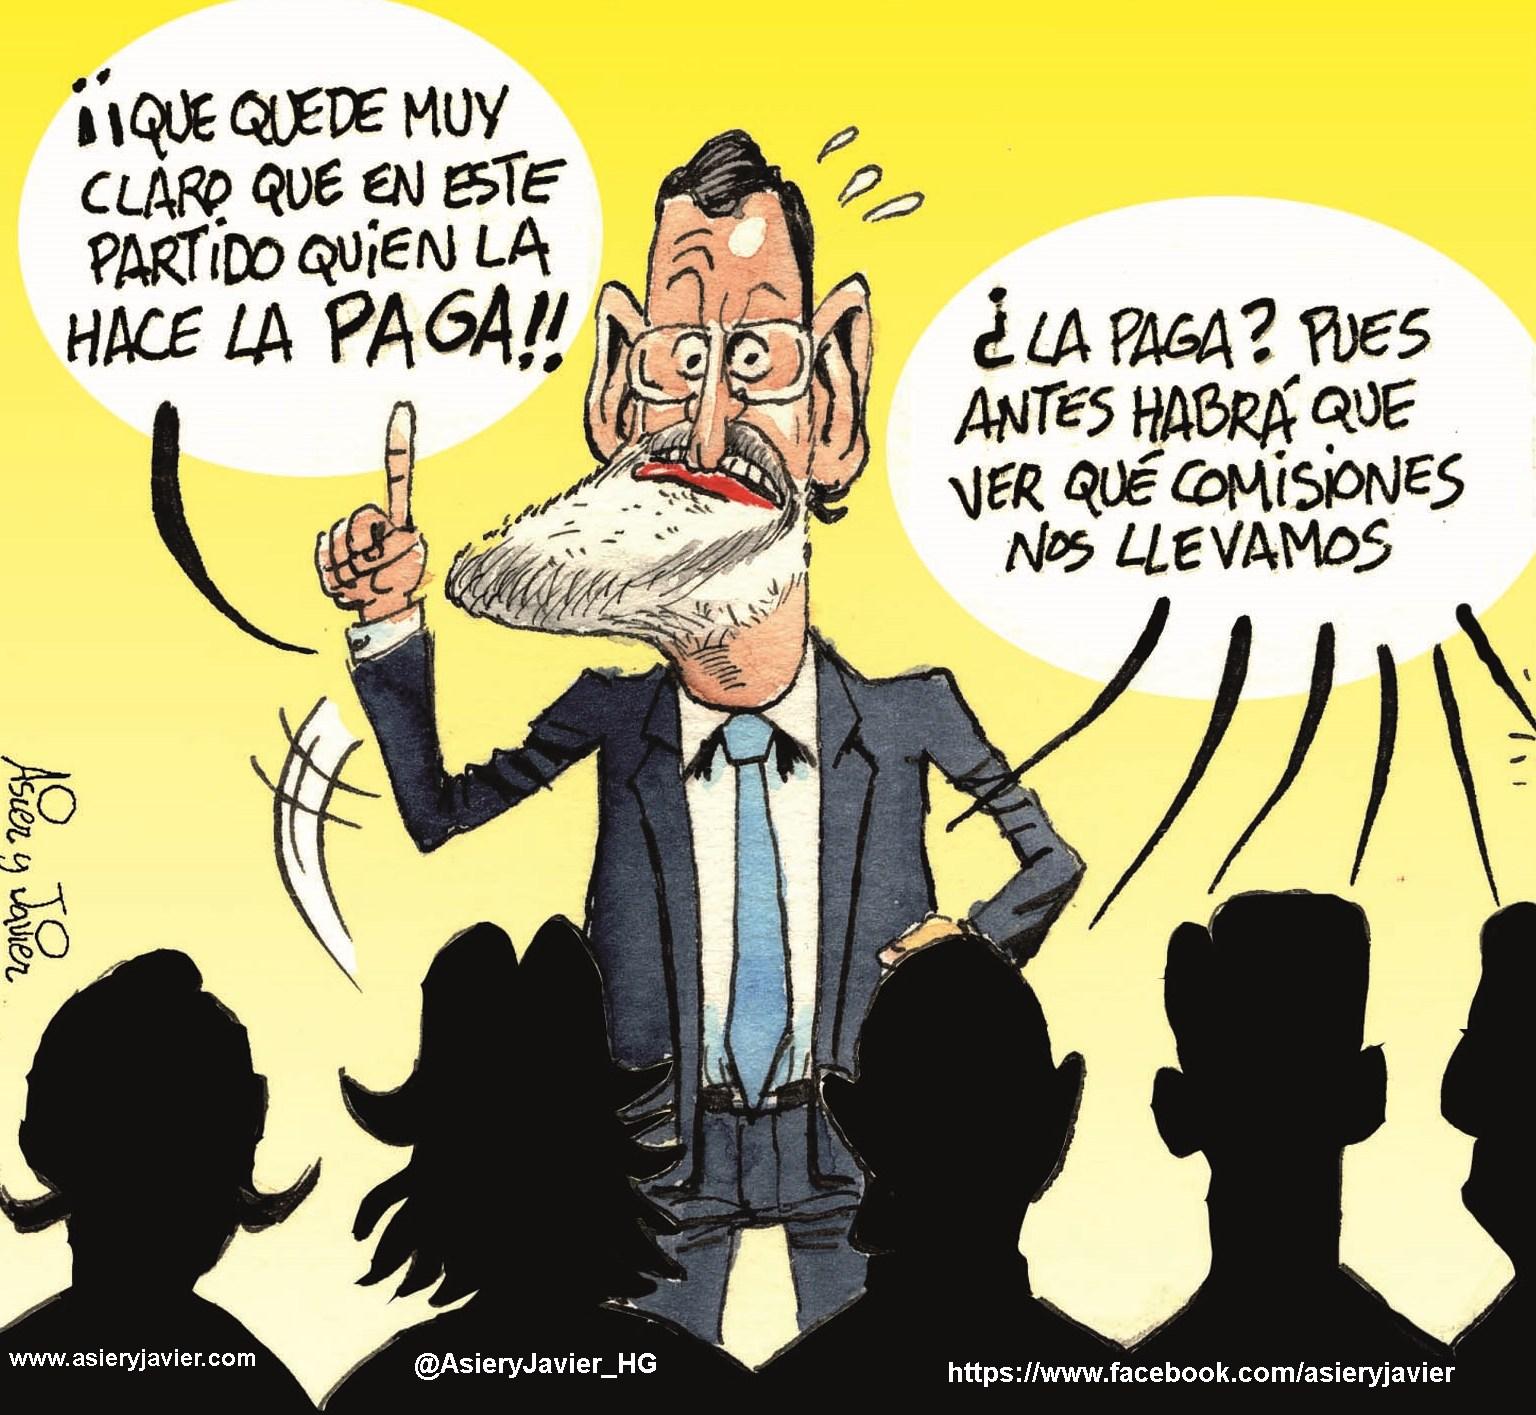 El jueves asier y javier un blog de risa - Casos de corrupcion en espana actuales ...